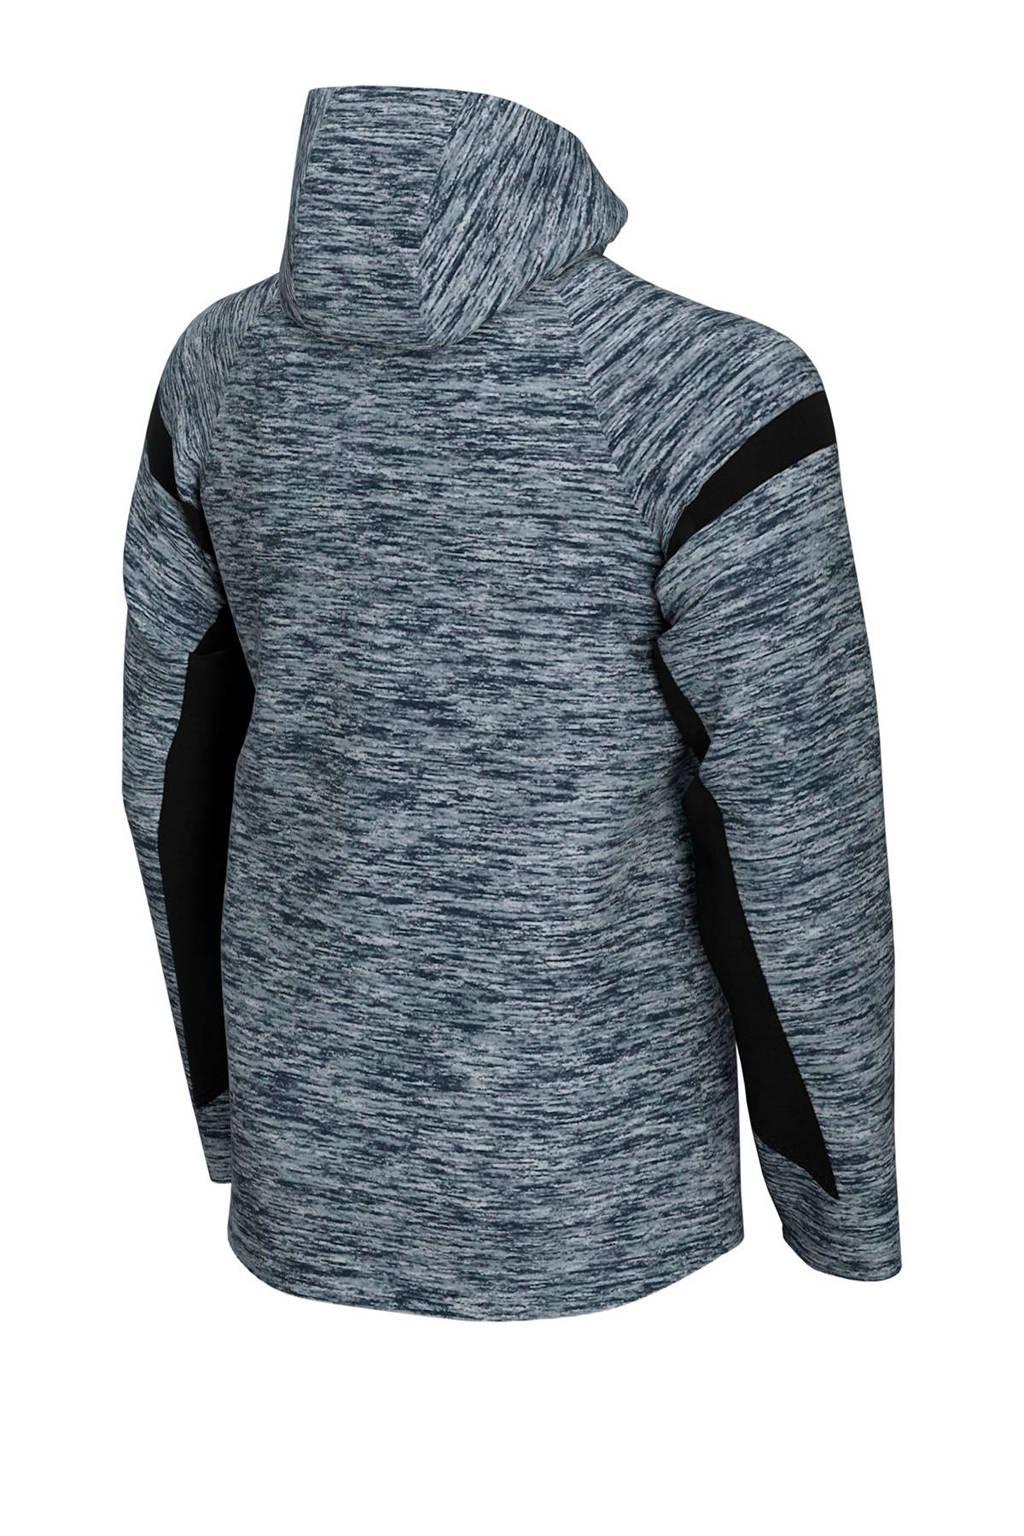 Nike   sportvest grijs, Grijs